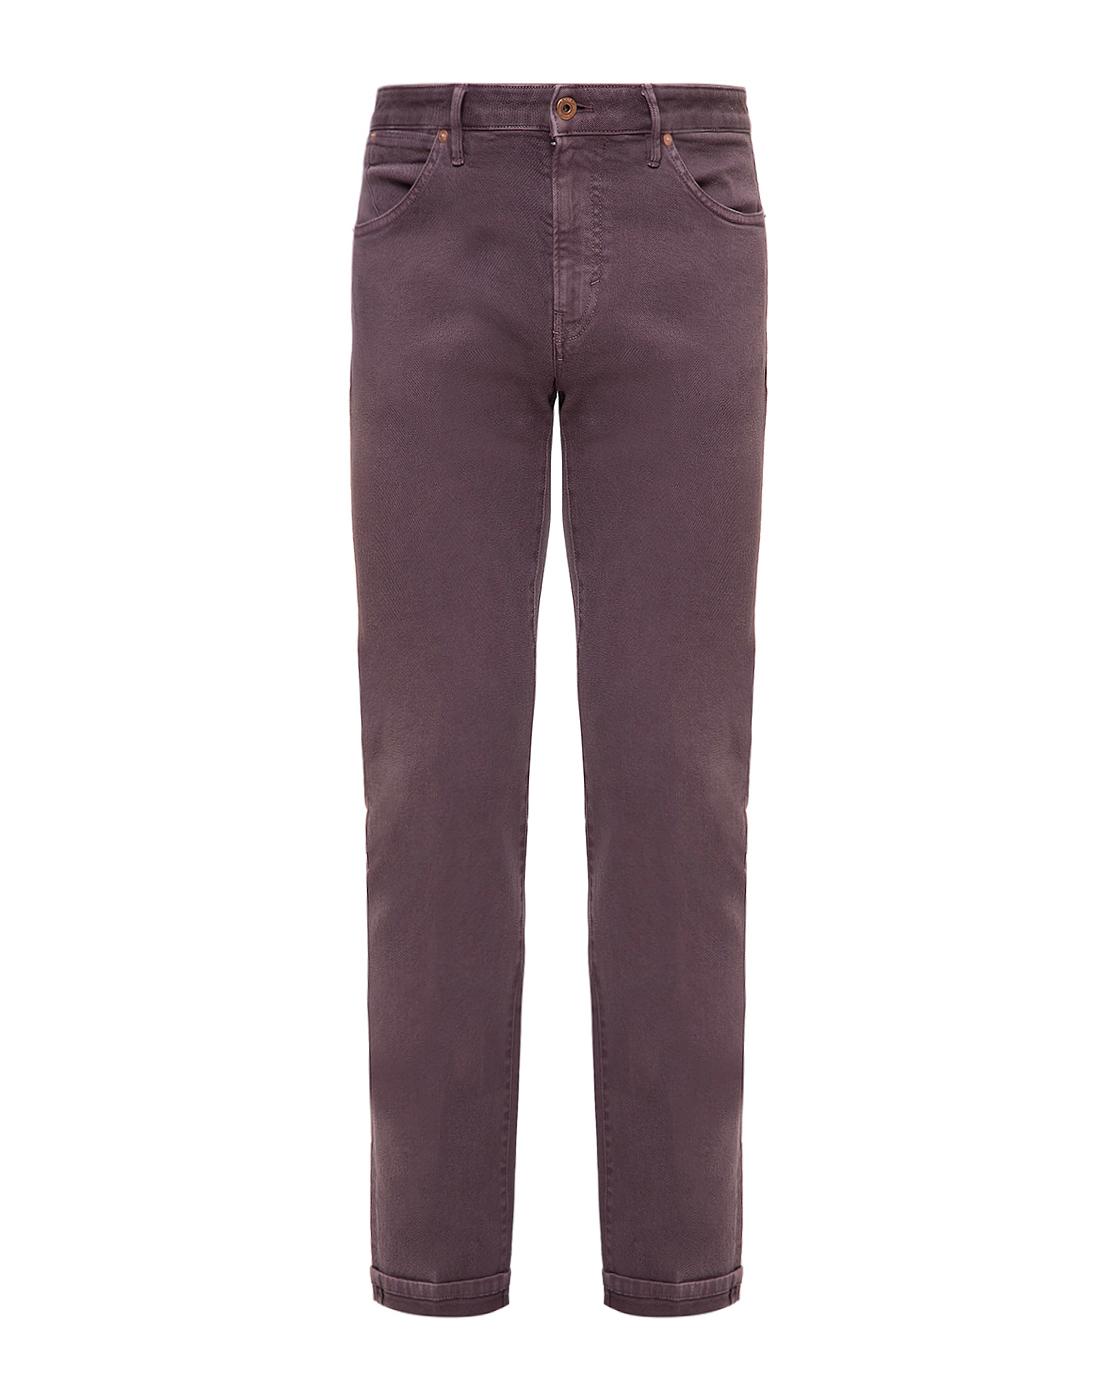 Мужские светло-фиолетовые джинсы PT SOA12 0786-1